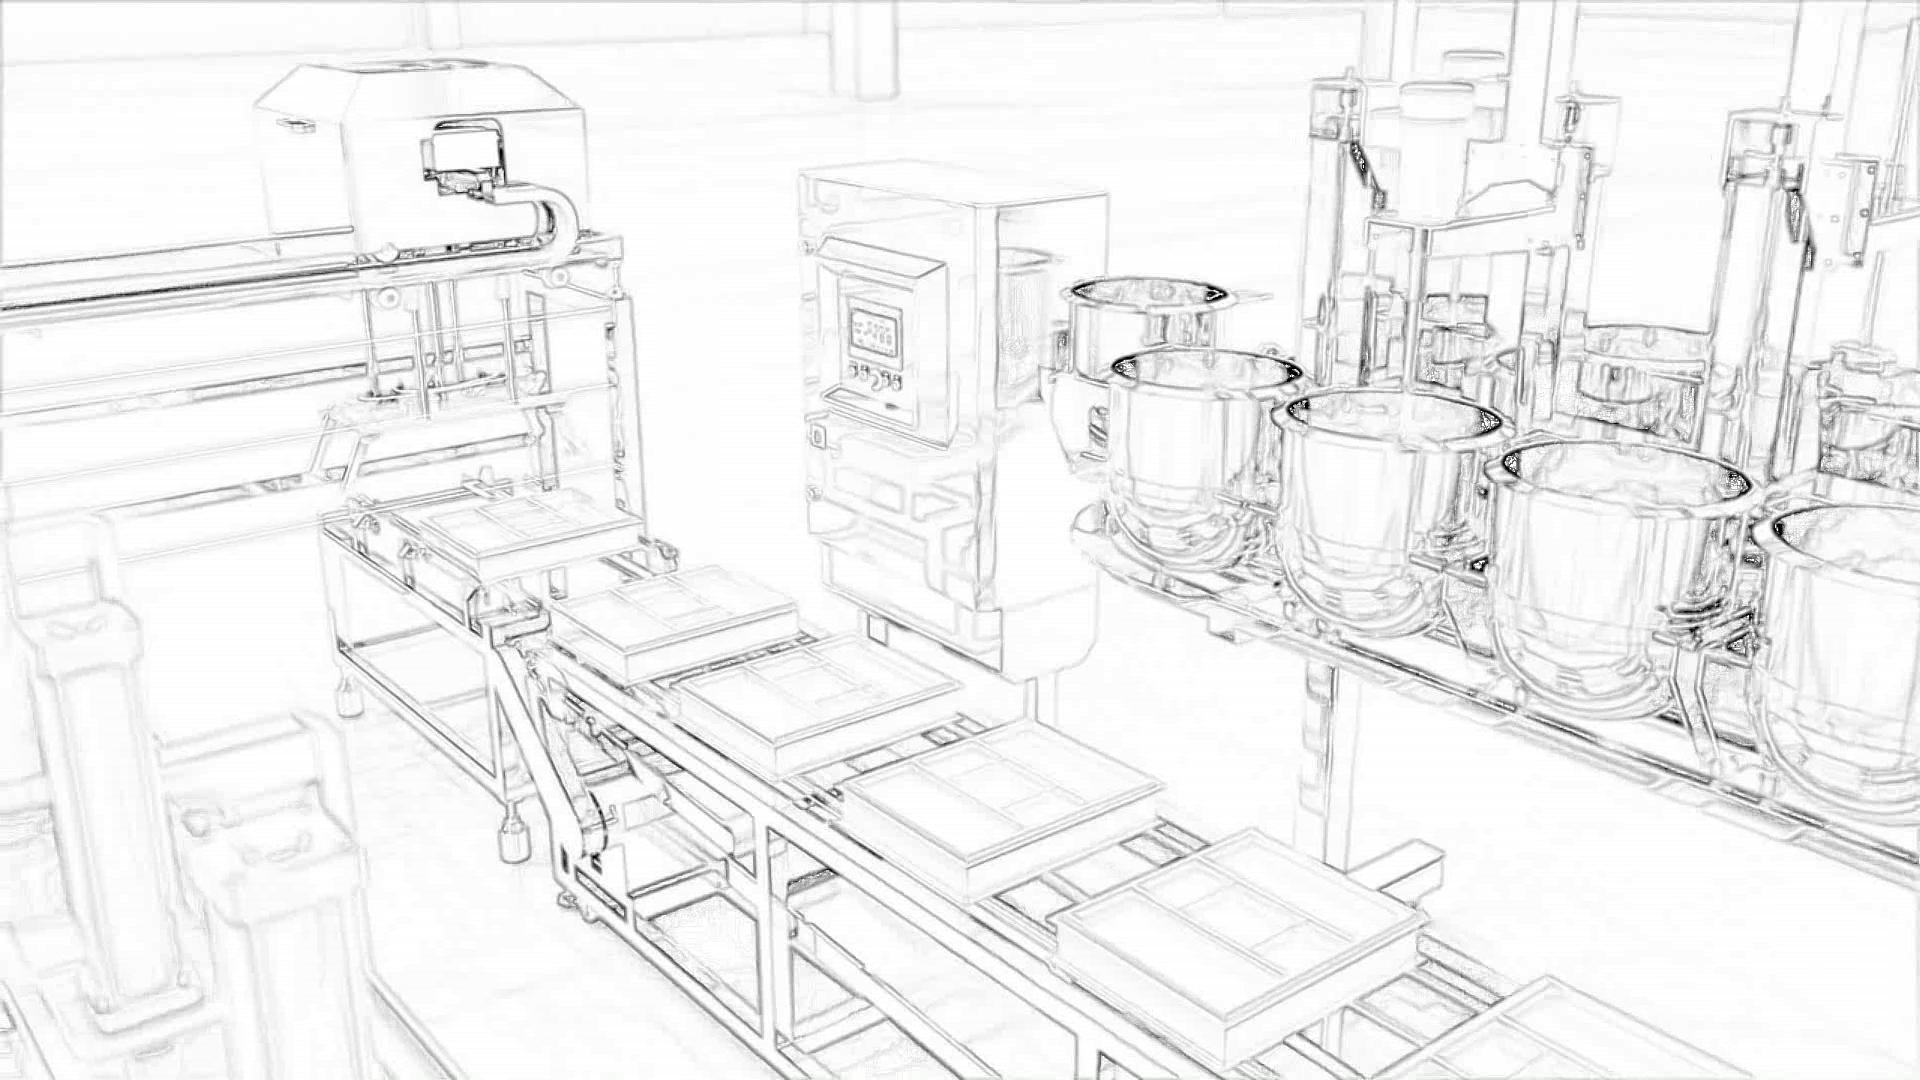 konstrukcje salowe dla produkcji